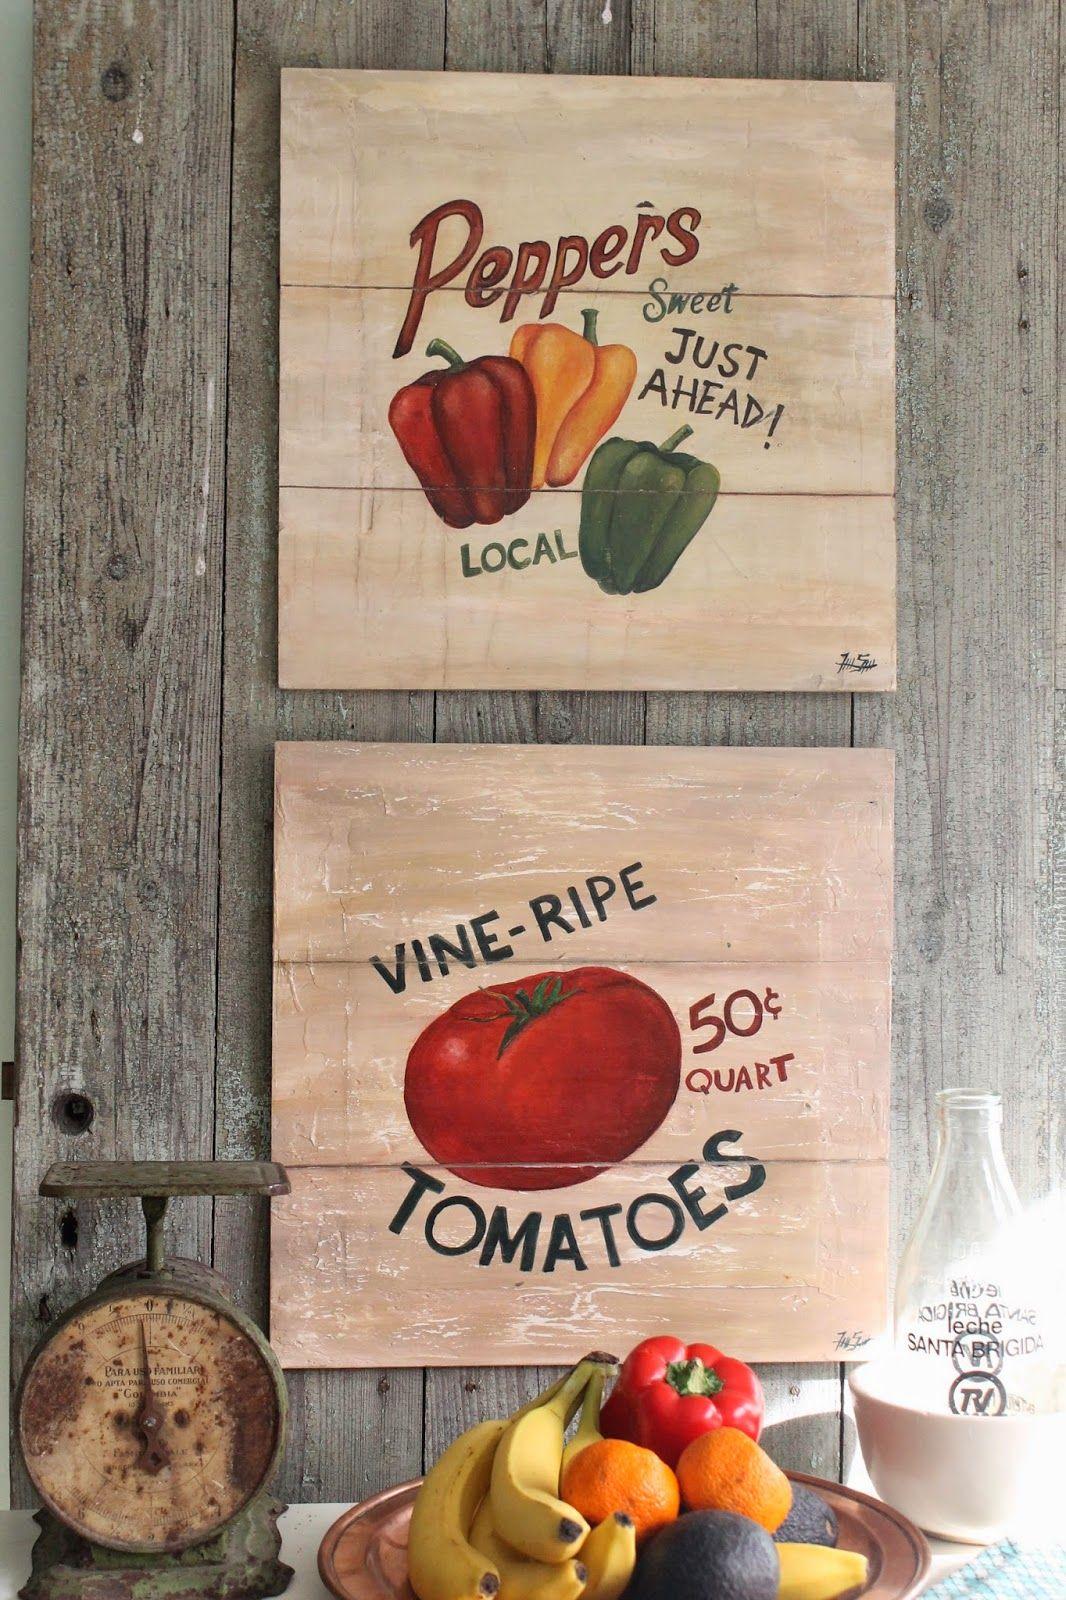 M s de 25 ideas incre bles sobre cuadros para la cocina en - Cuadros cocina vintage ...